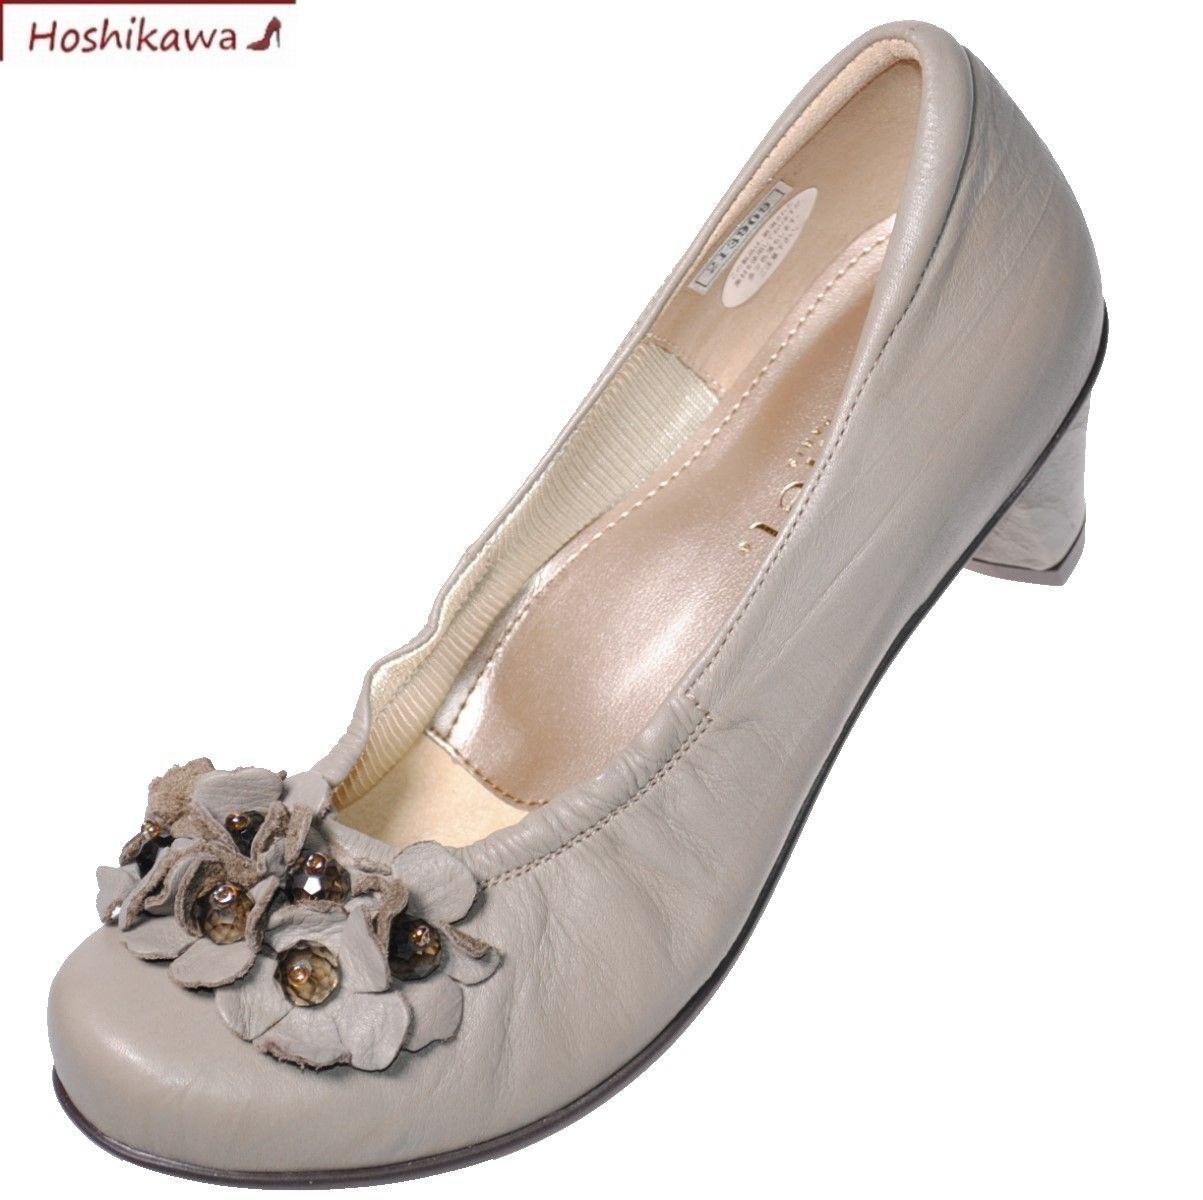 【靴のHOSHIKAWA】 『MONET 214903』21cm~25cm パンプス